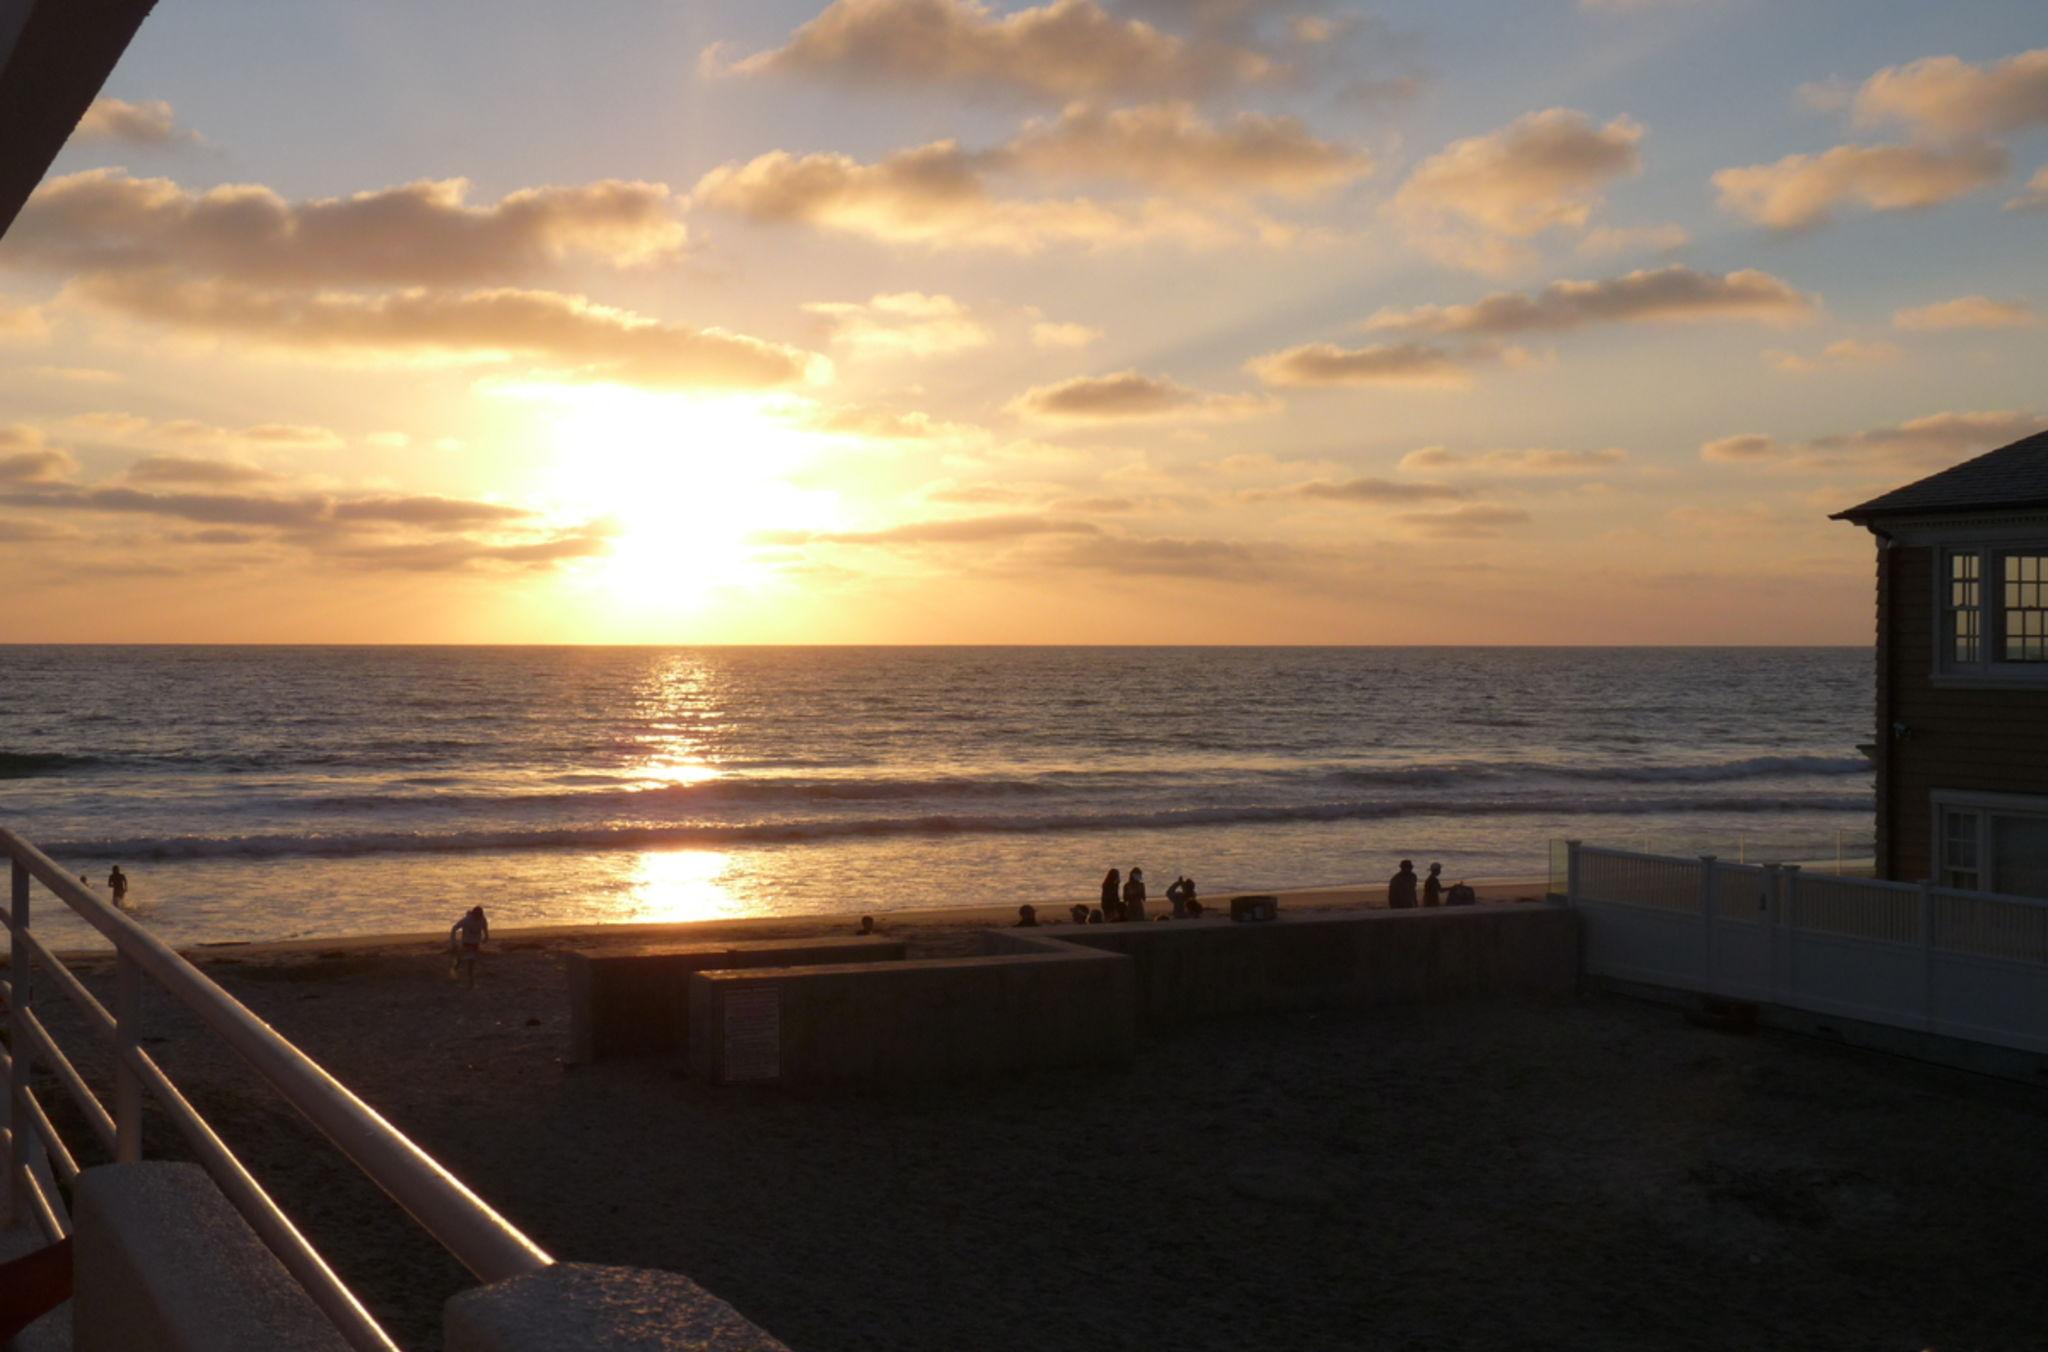 Wlw0y8_clapp_condo_sunset_1_web_ipad_pro